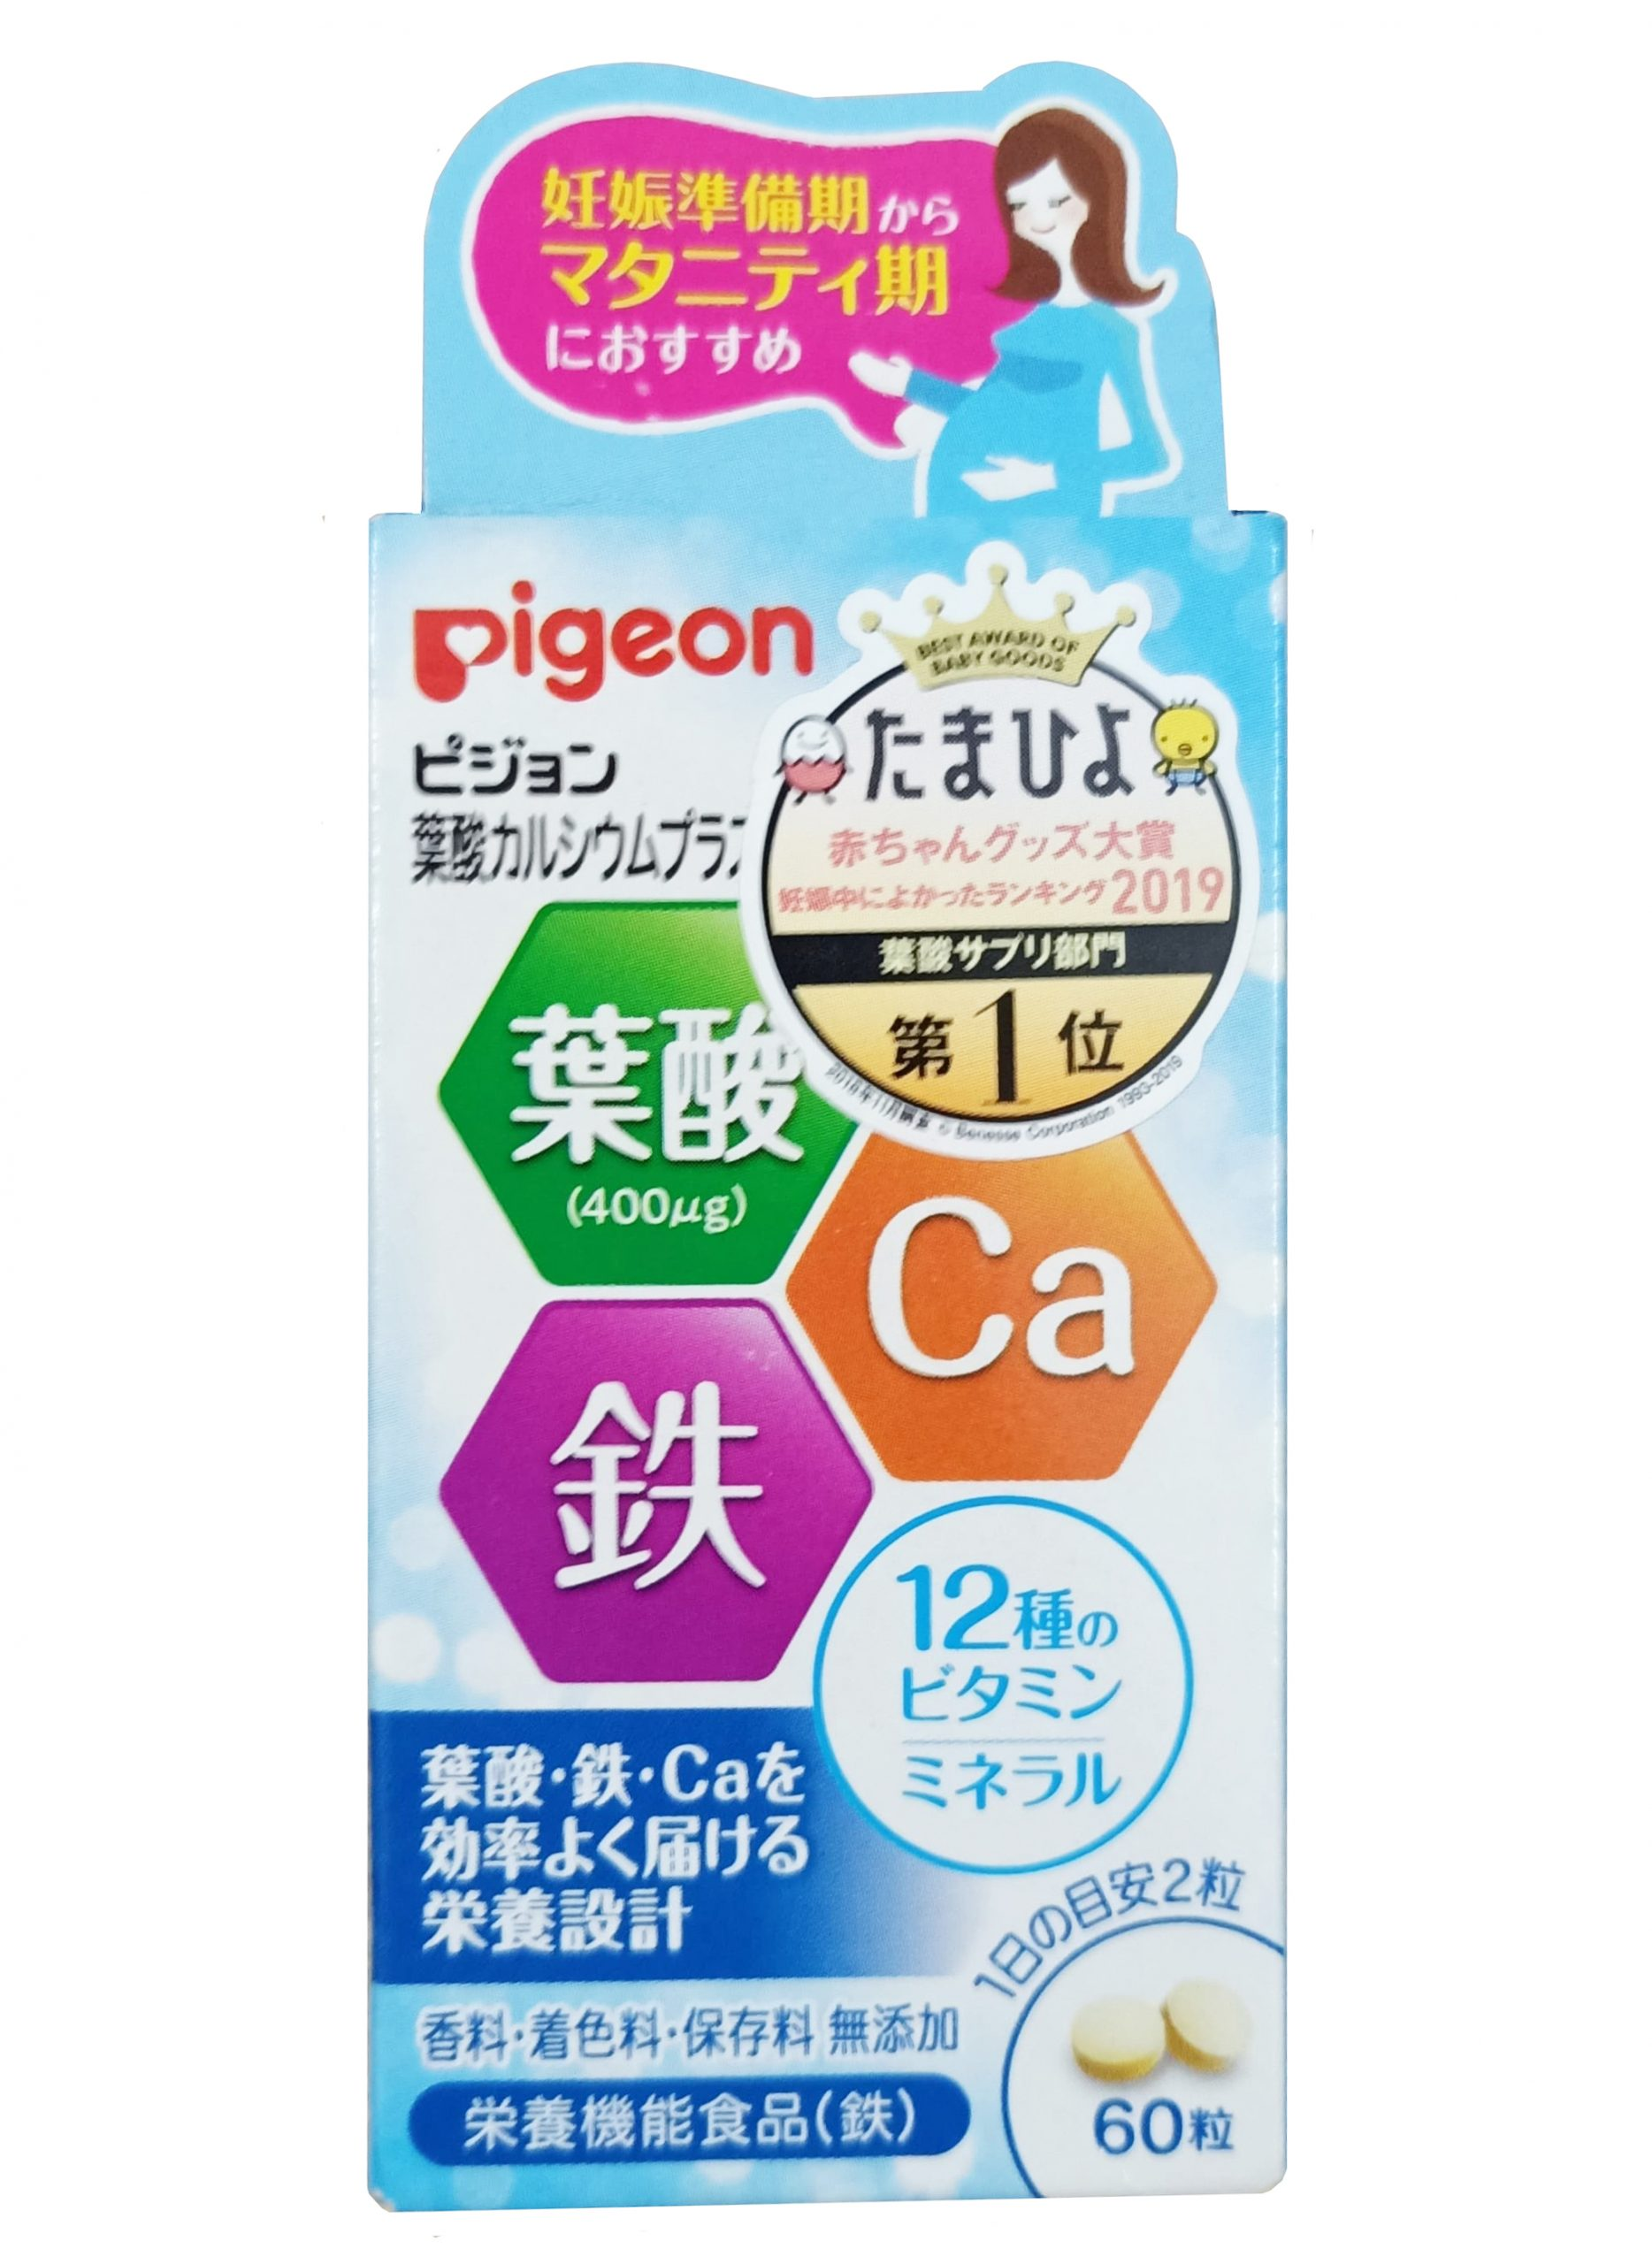 vien uong vitamin tong hop cho ba bau pigeon nhat ban scaled